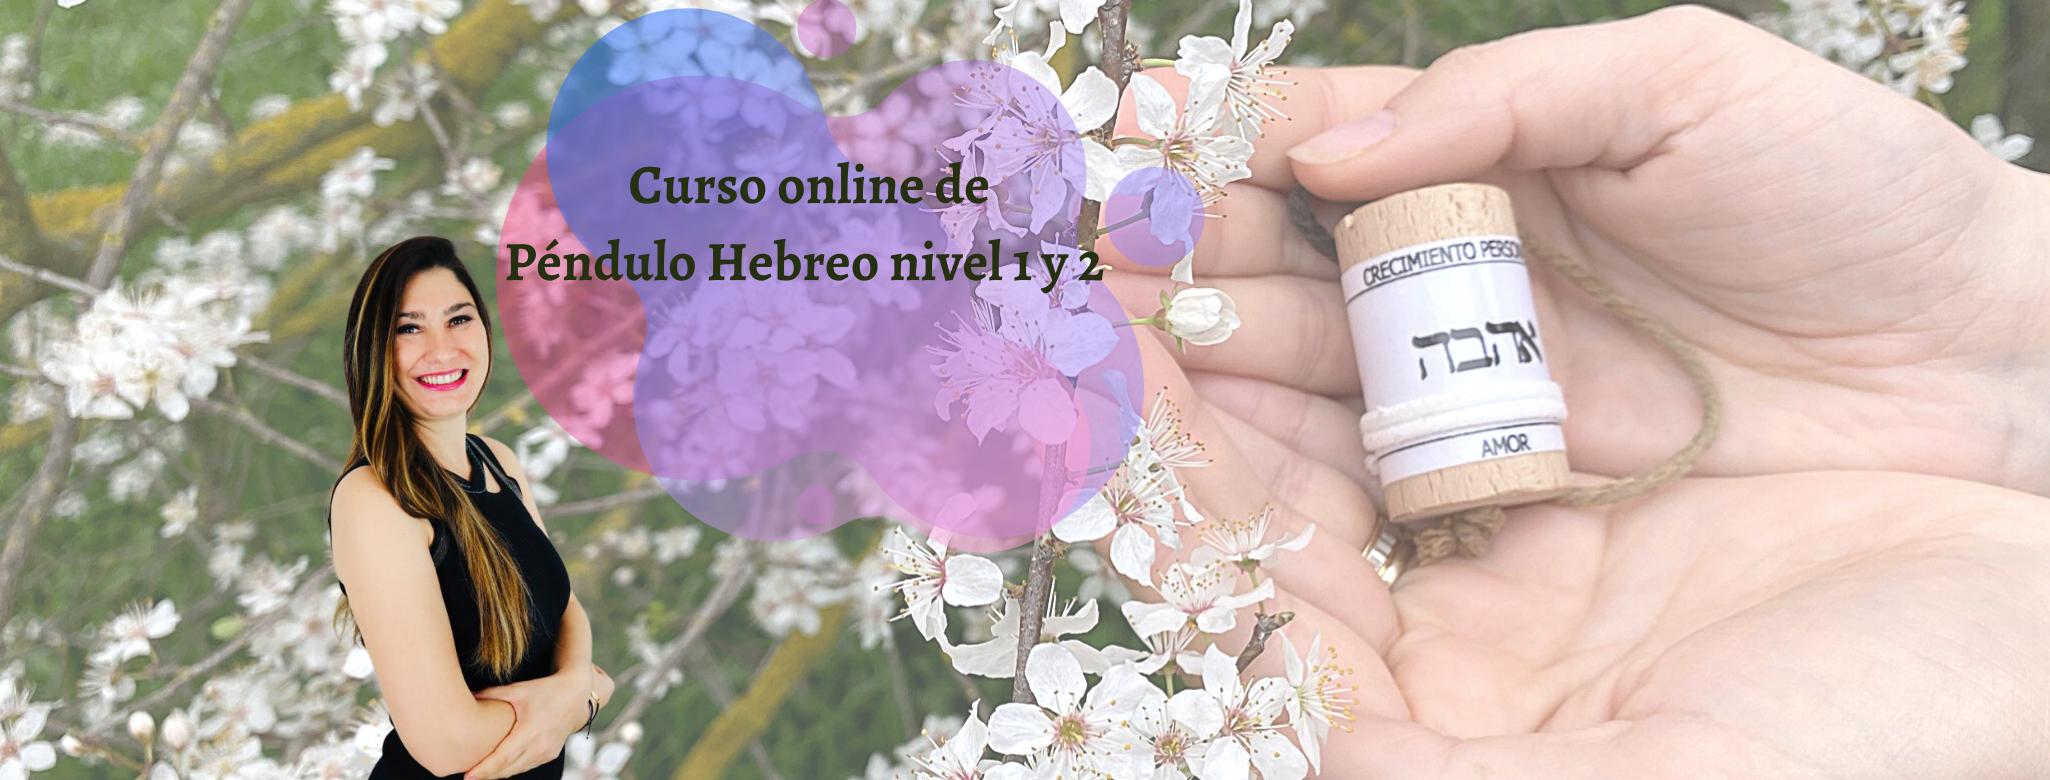 Copia de Curso online de Pendulo Hebreo nivel 1 y 2 (2)